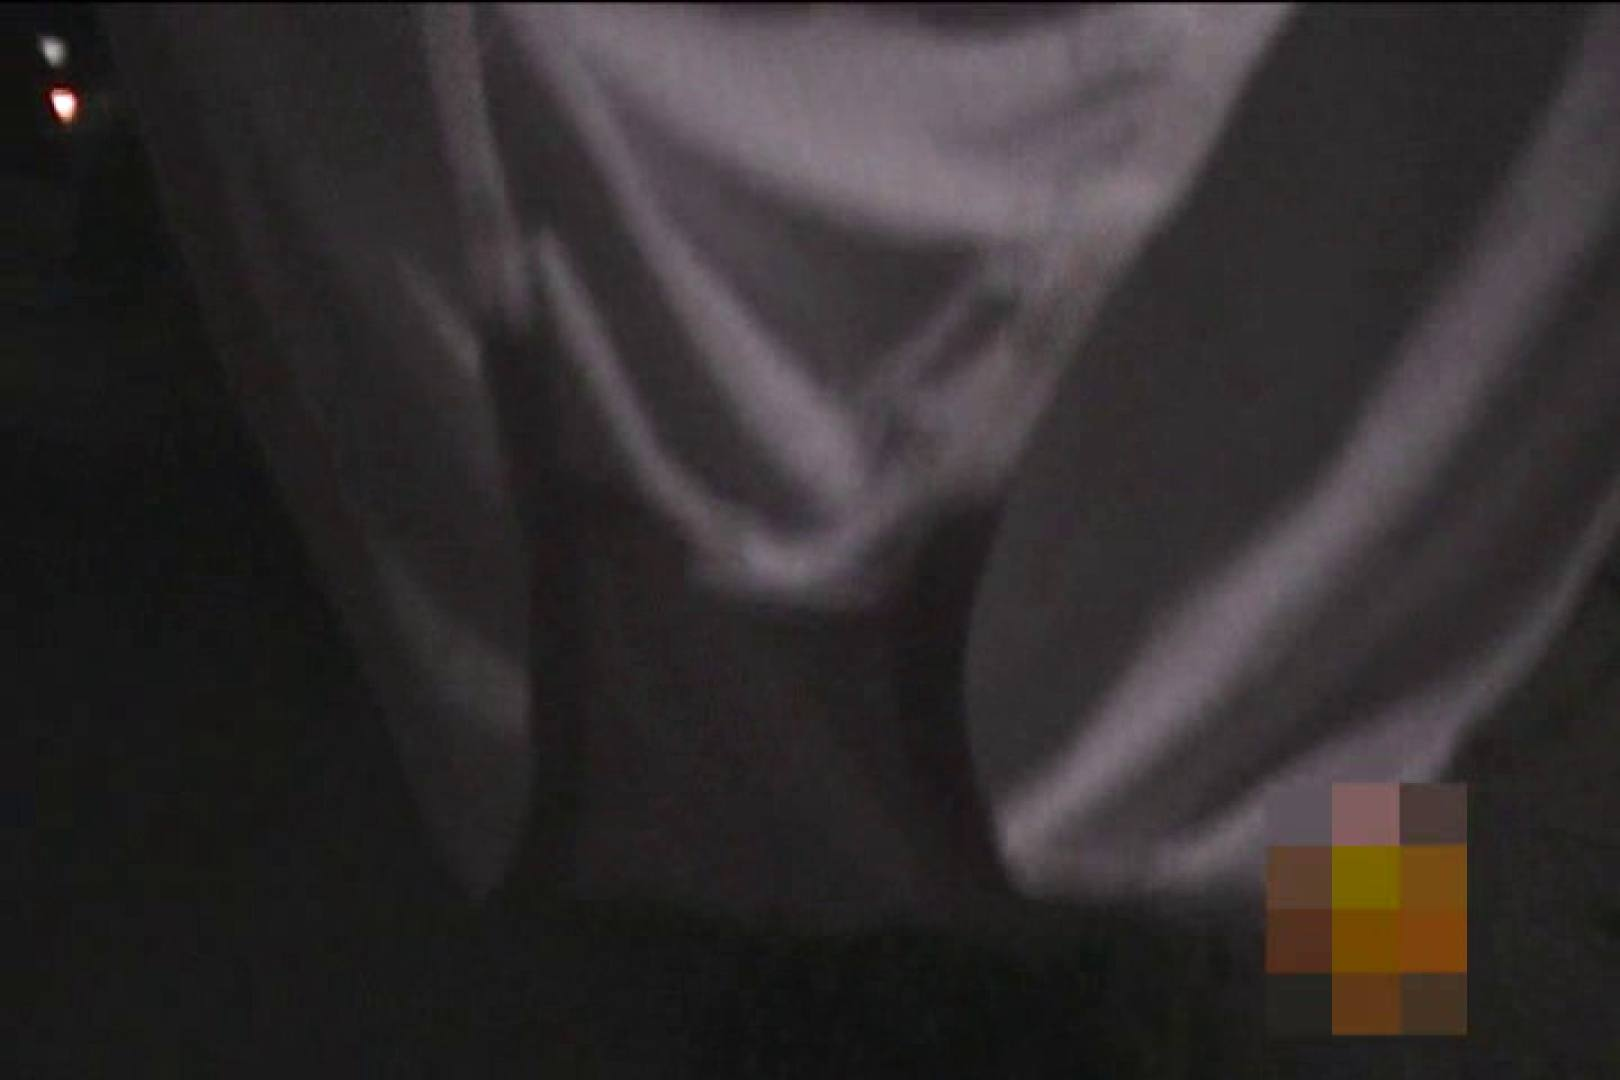 検証!隠し撮りスカートめくり!!Vol.3 素人丸裸  74pic 28